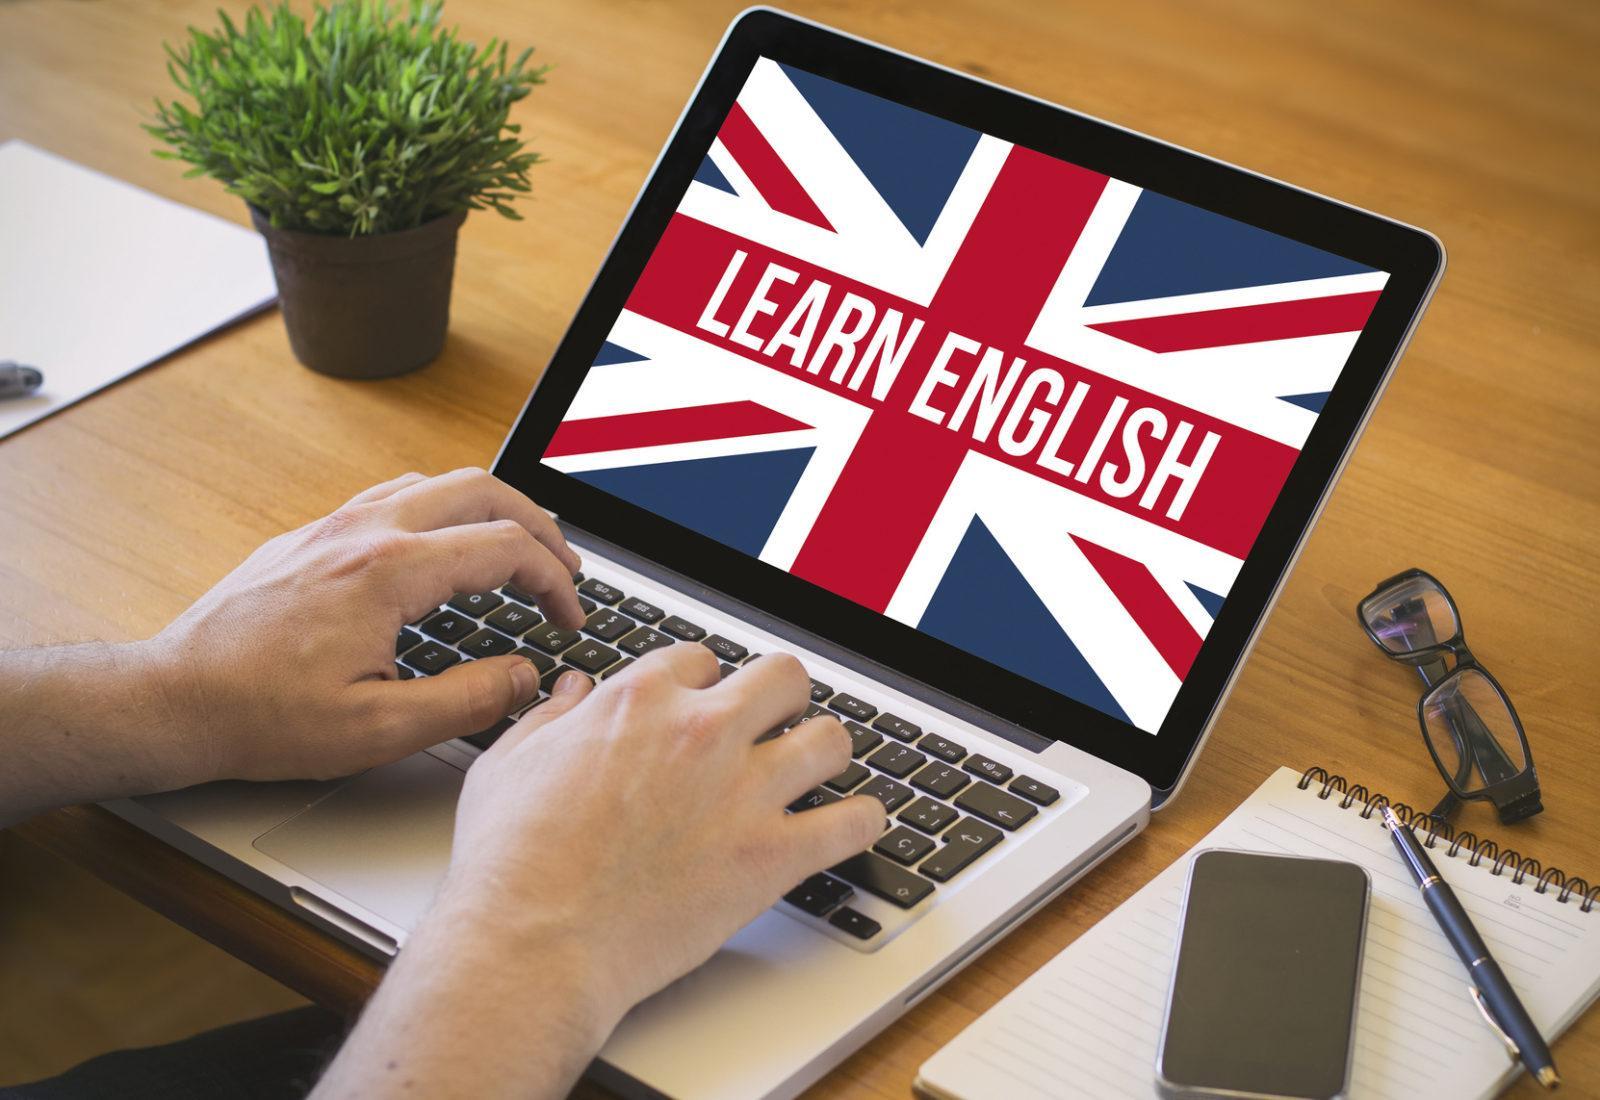 Изучение английского языка: самостоятельно или с помощью курсов?